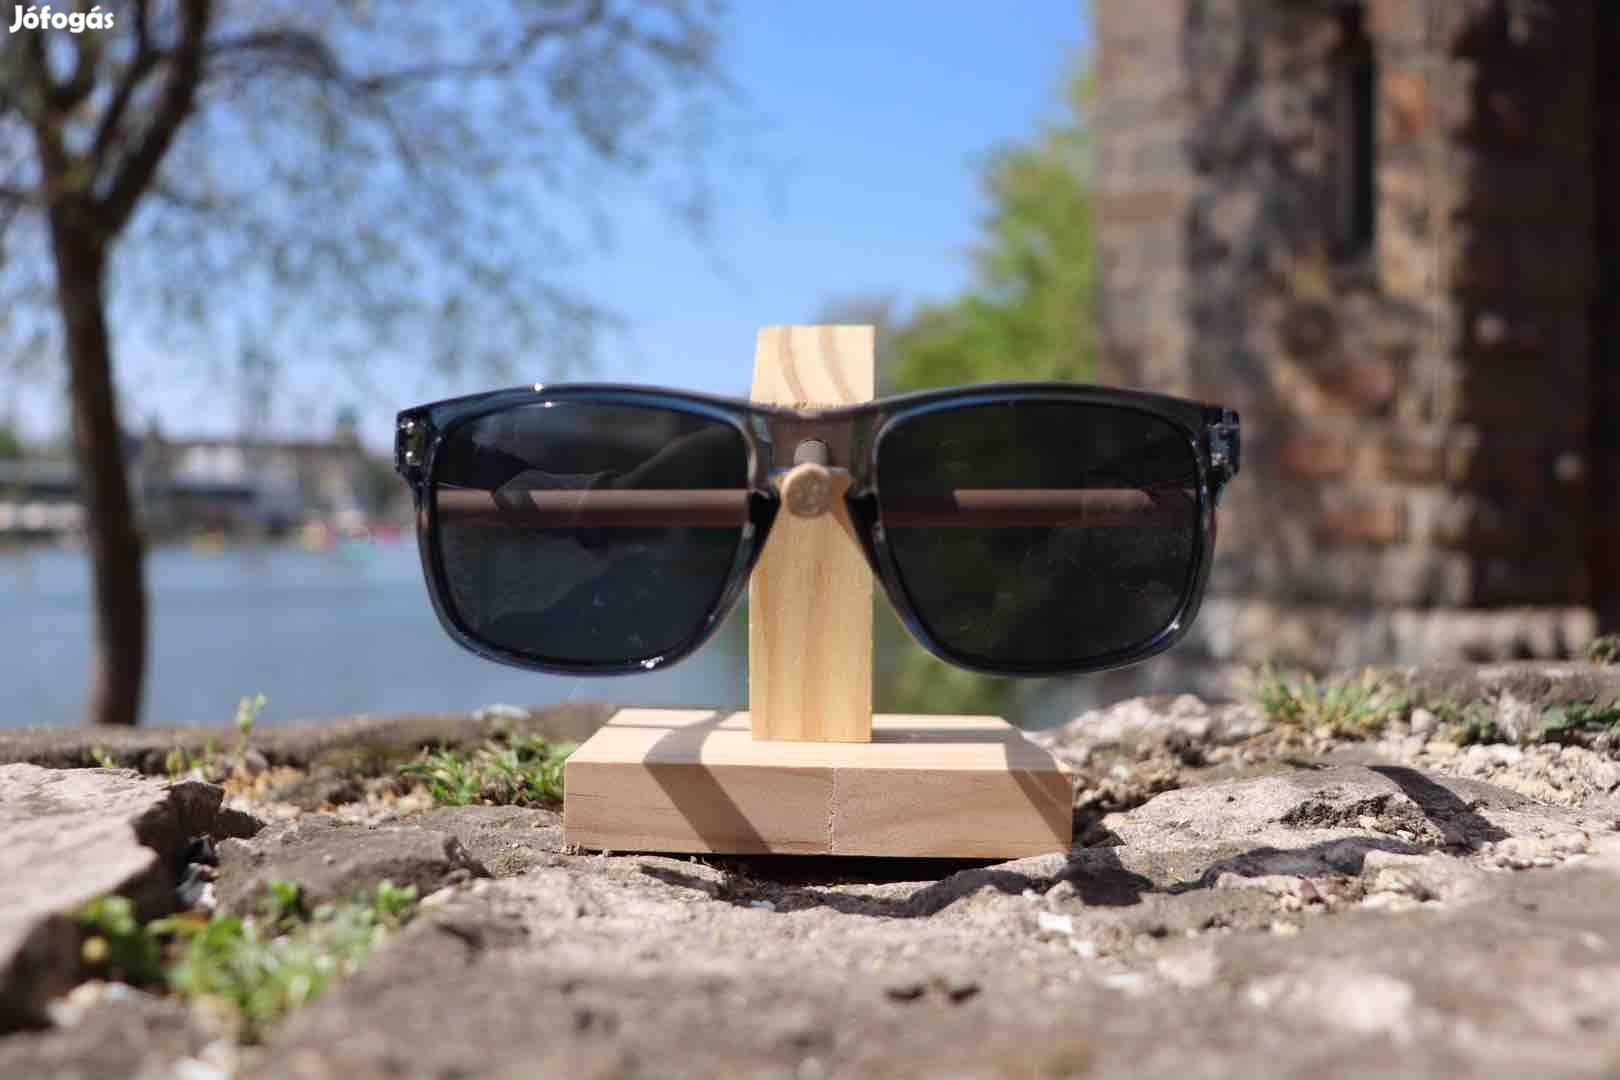 Oakley Holbrook 2019 napszemüveg, 3. Kép